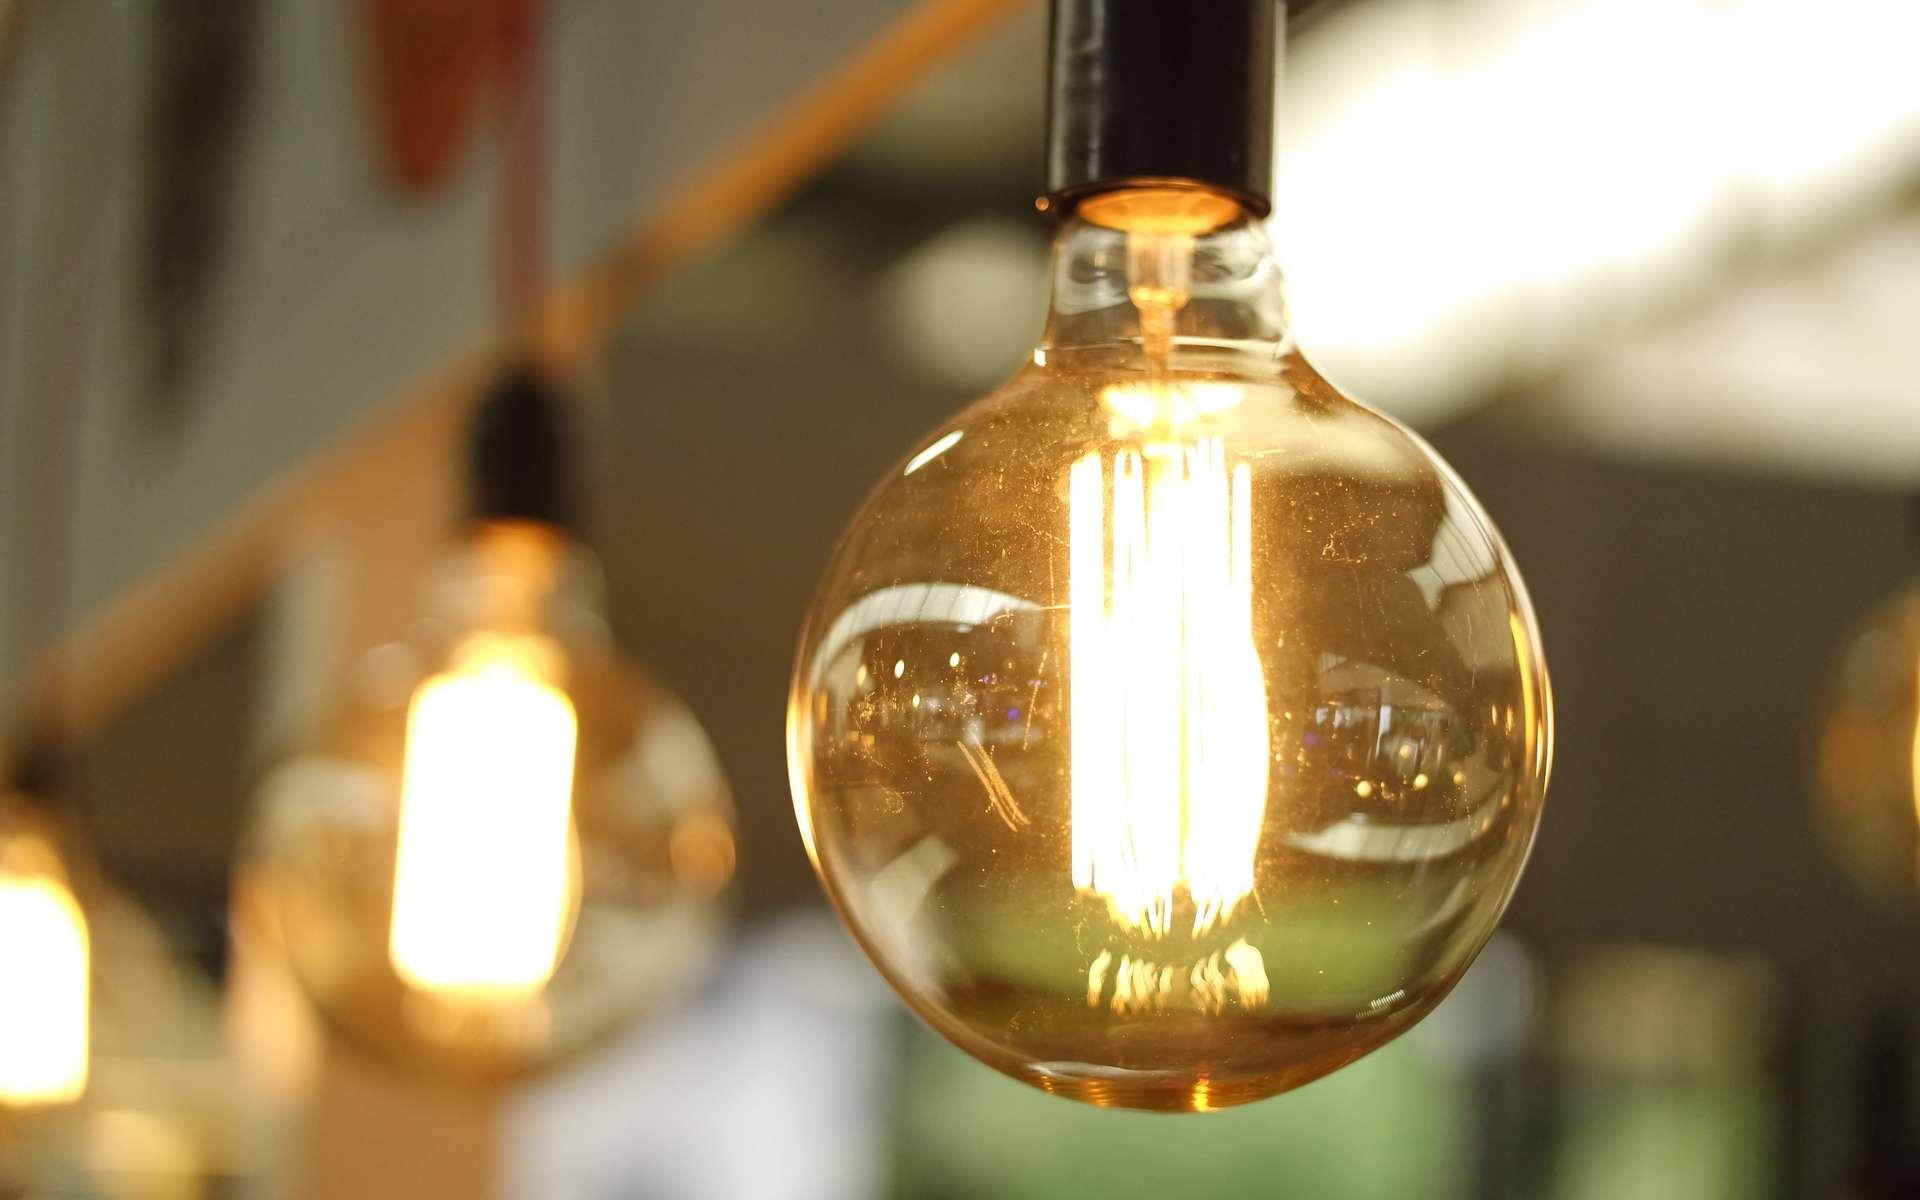 Réduire sa consommation énergétique permet d'alléger les factures ! © Burak Kebapci, Pexels